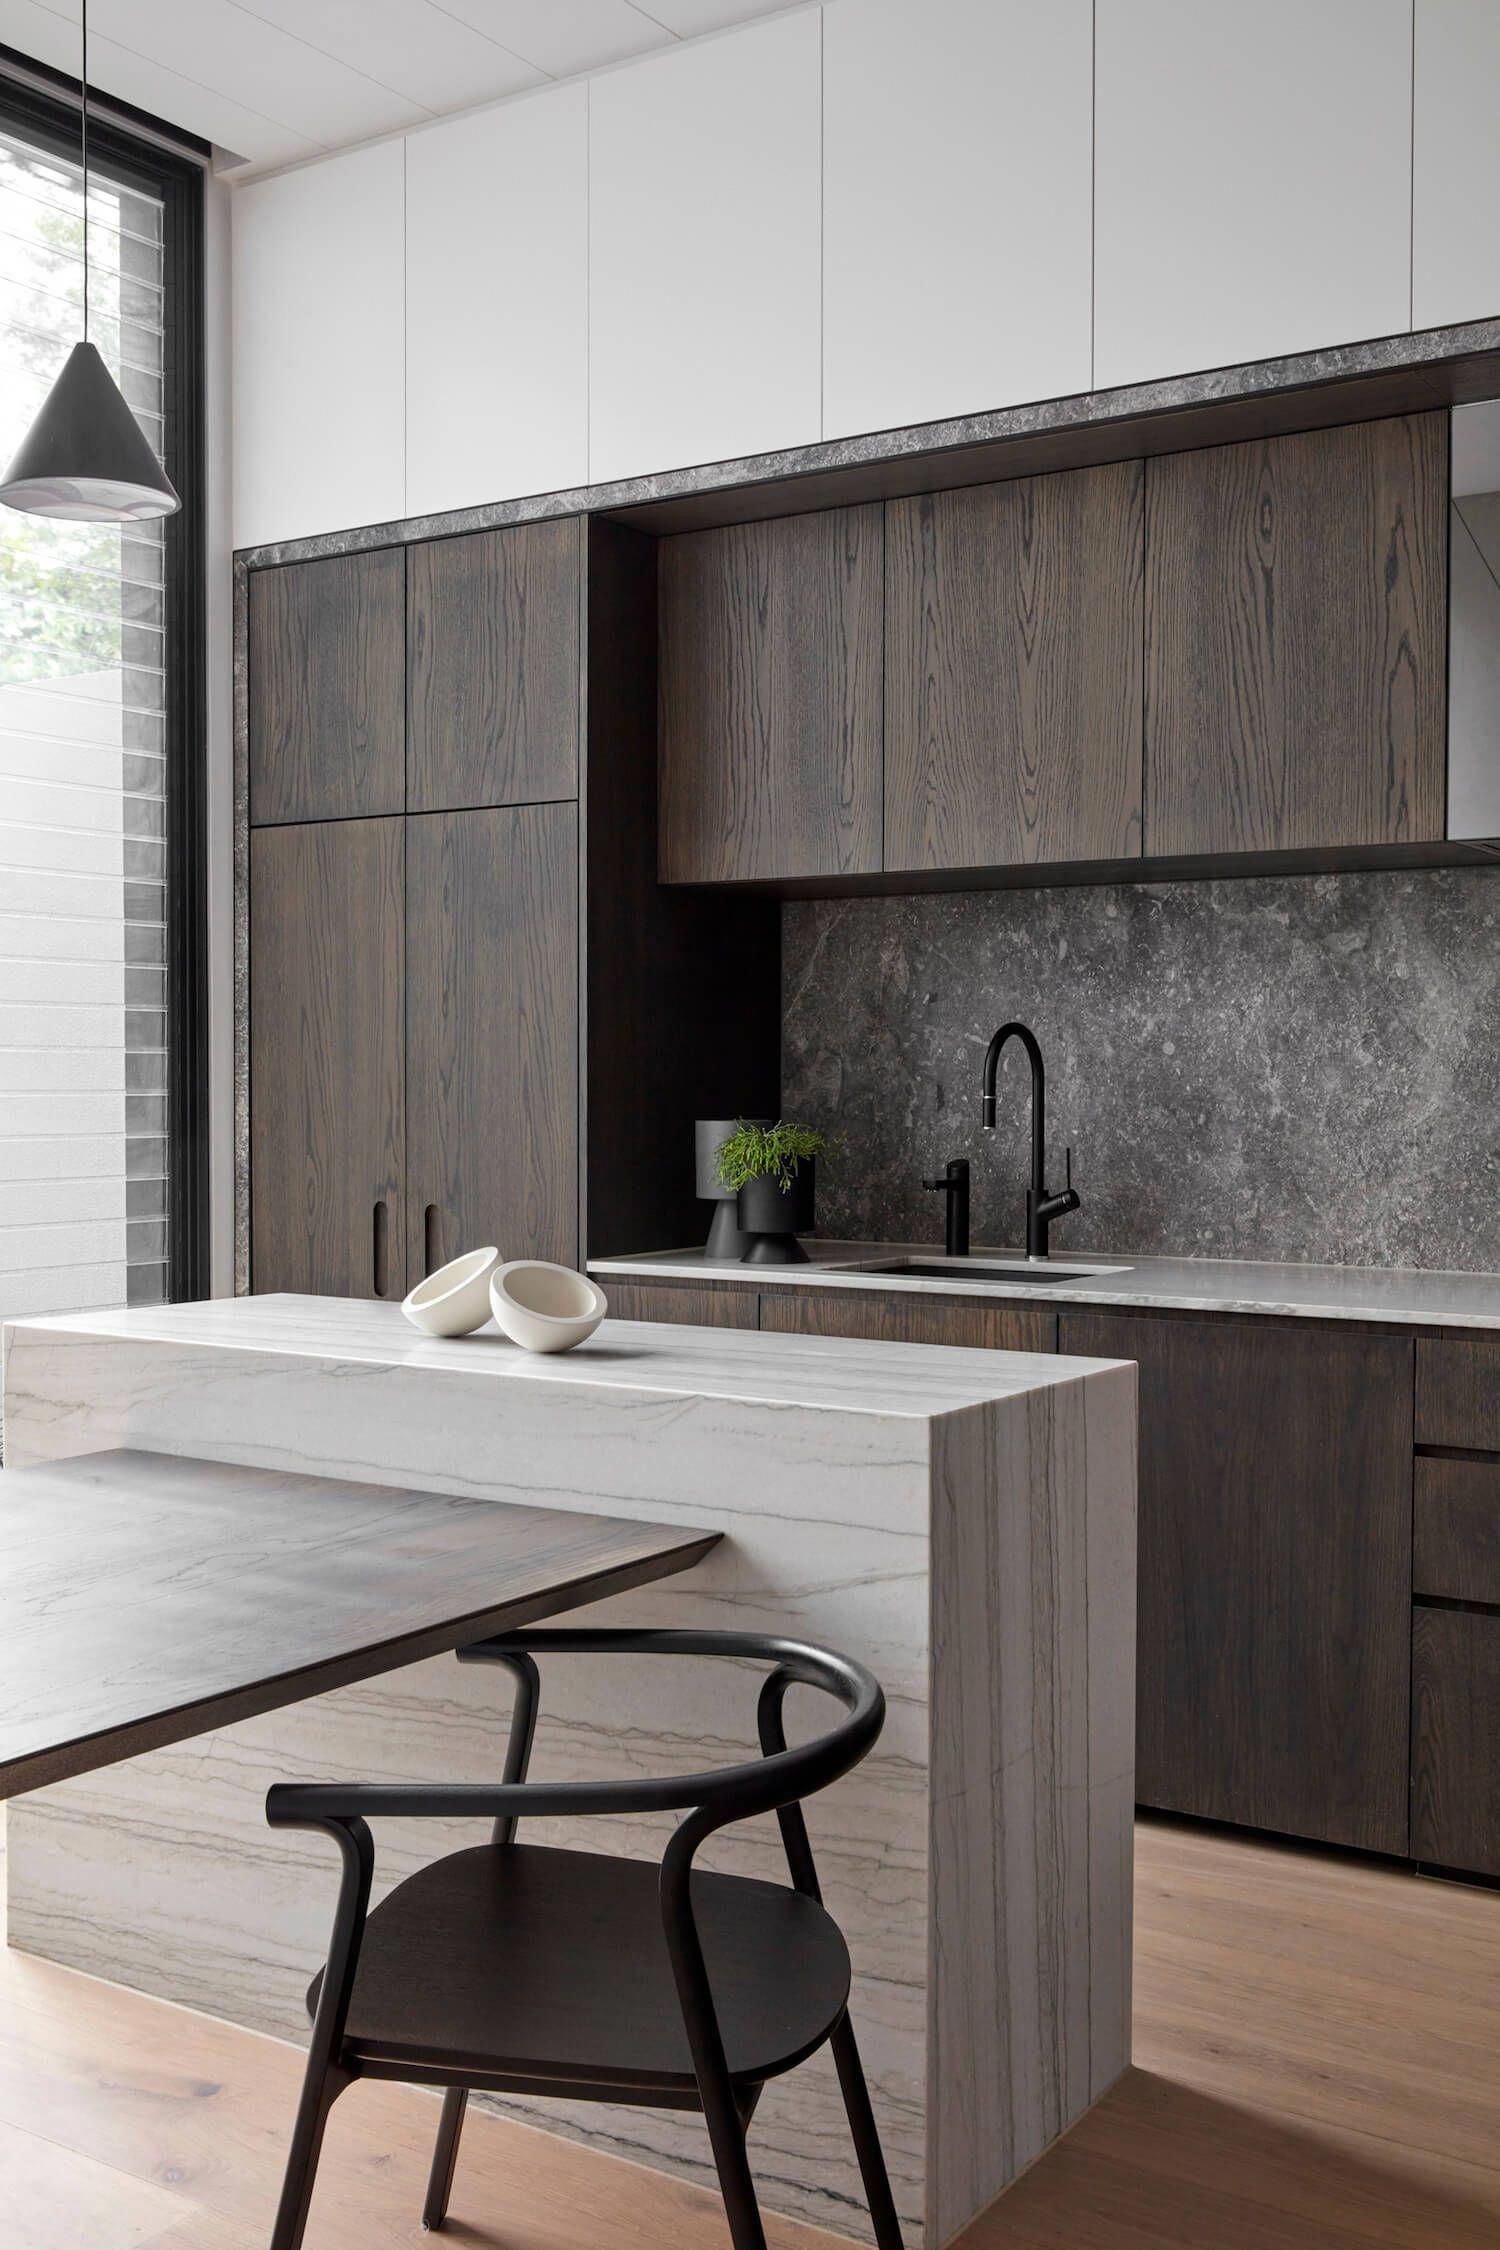 9 Best Trends In Kitchen Design Ideas For 2018 No 7 Very Nice Kitchen Design Layout Idea Modern Kitchen Interiors Modern Kitchen Design Home Interior Design